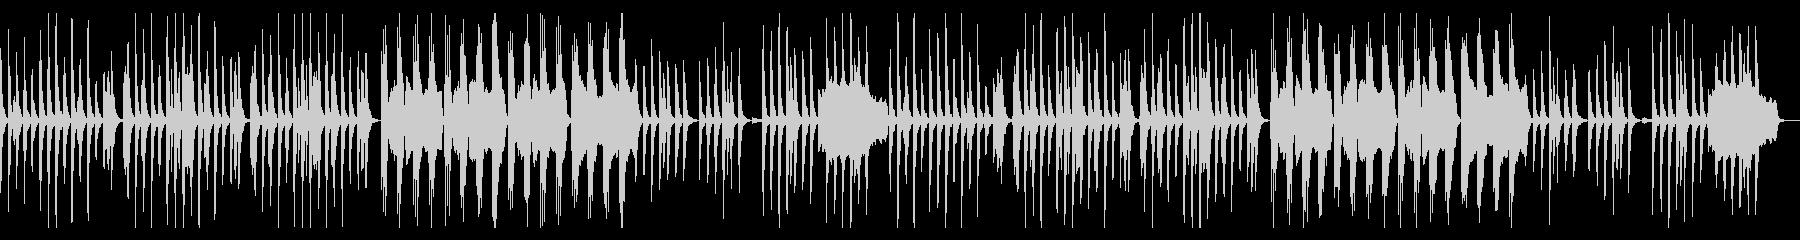 怪しくゆっくりでシンプルな曲の未再生の波形